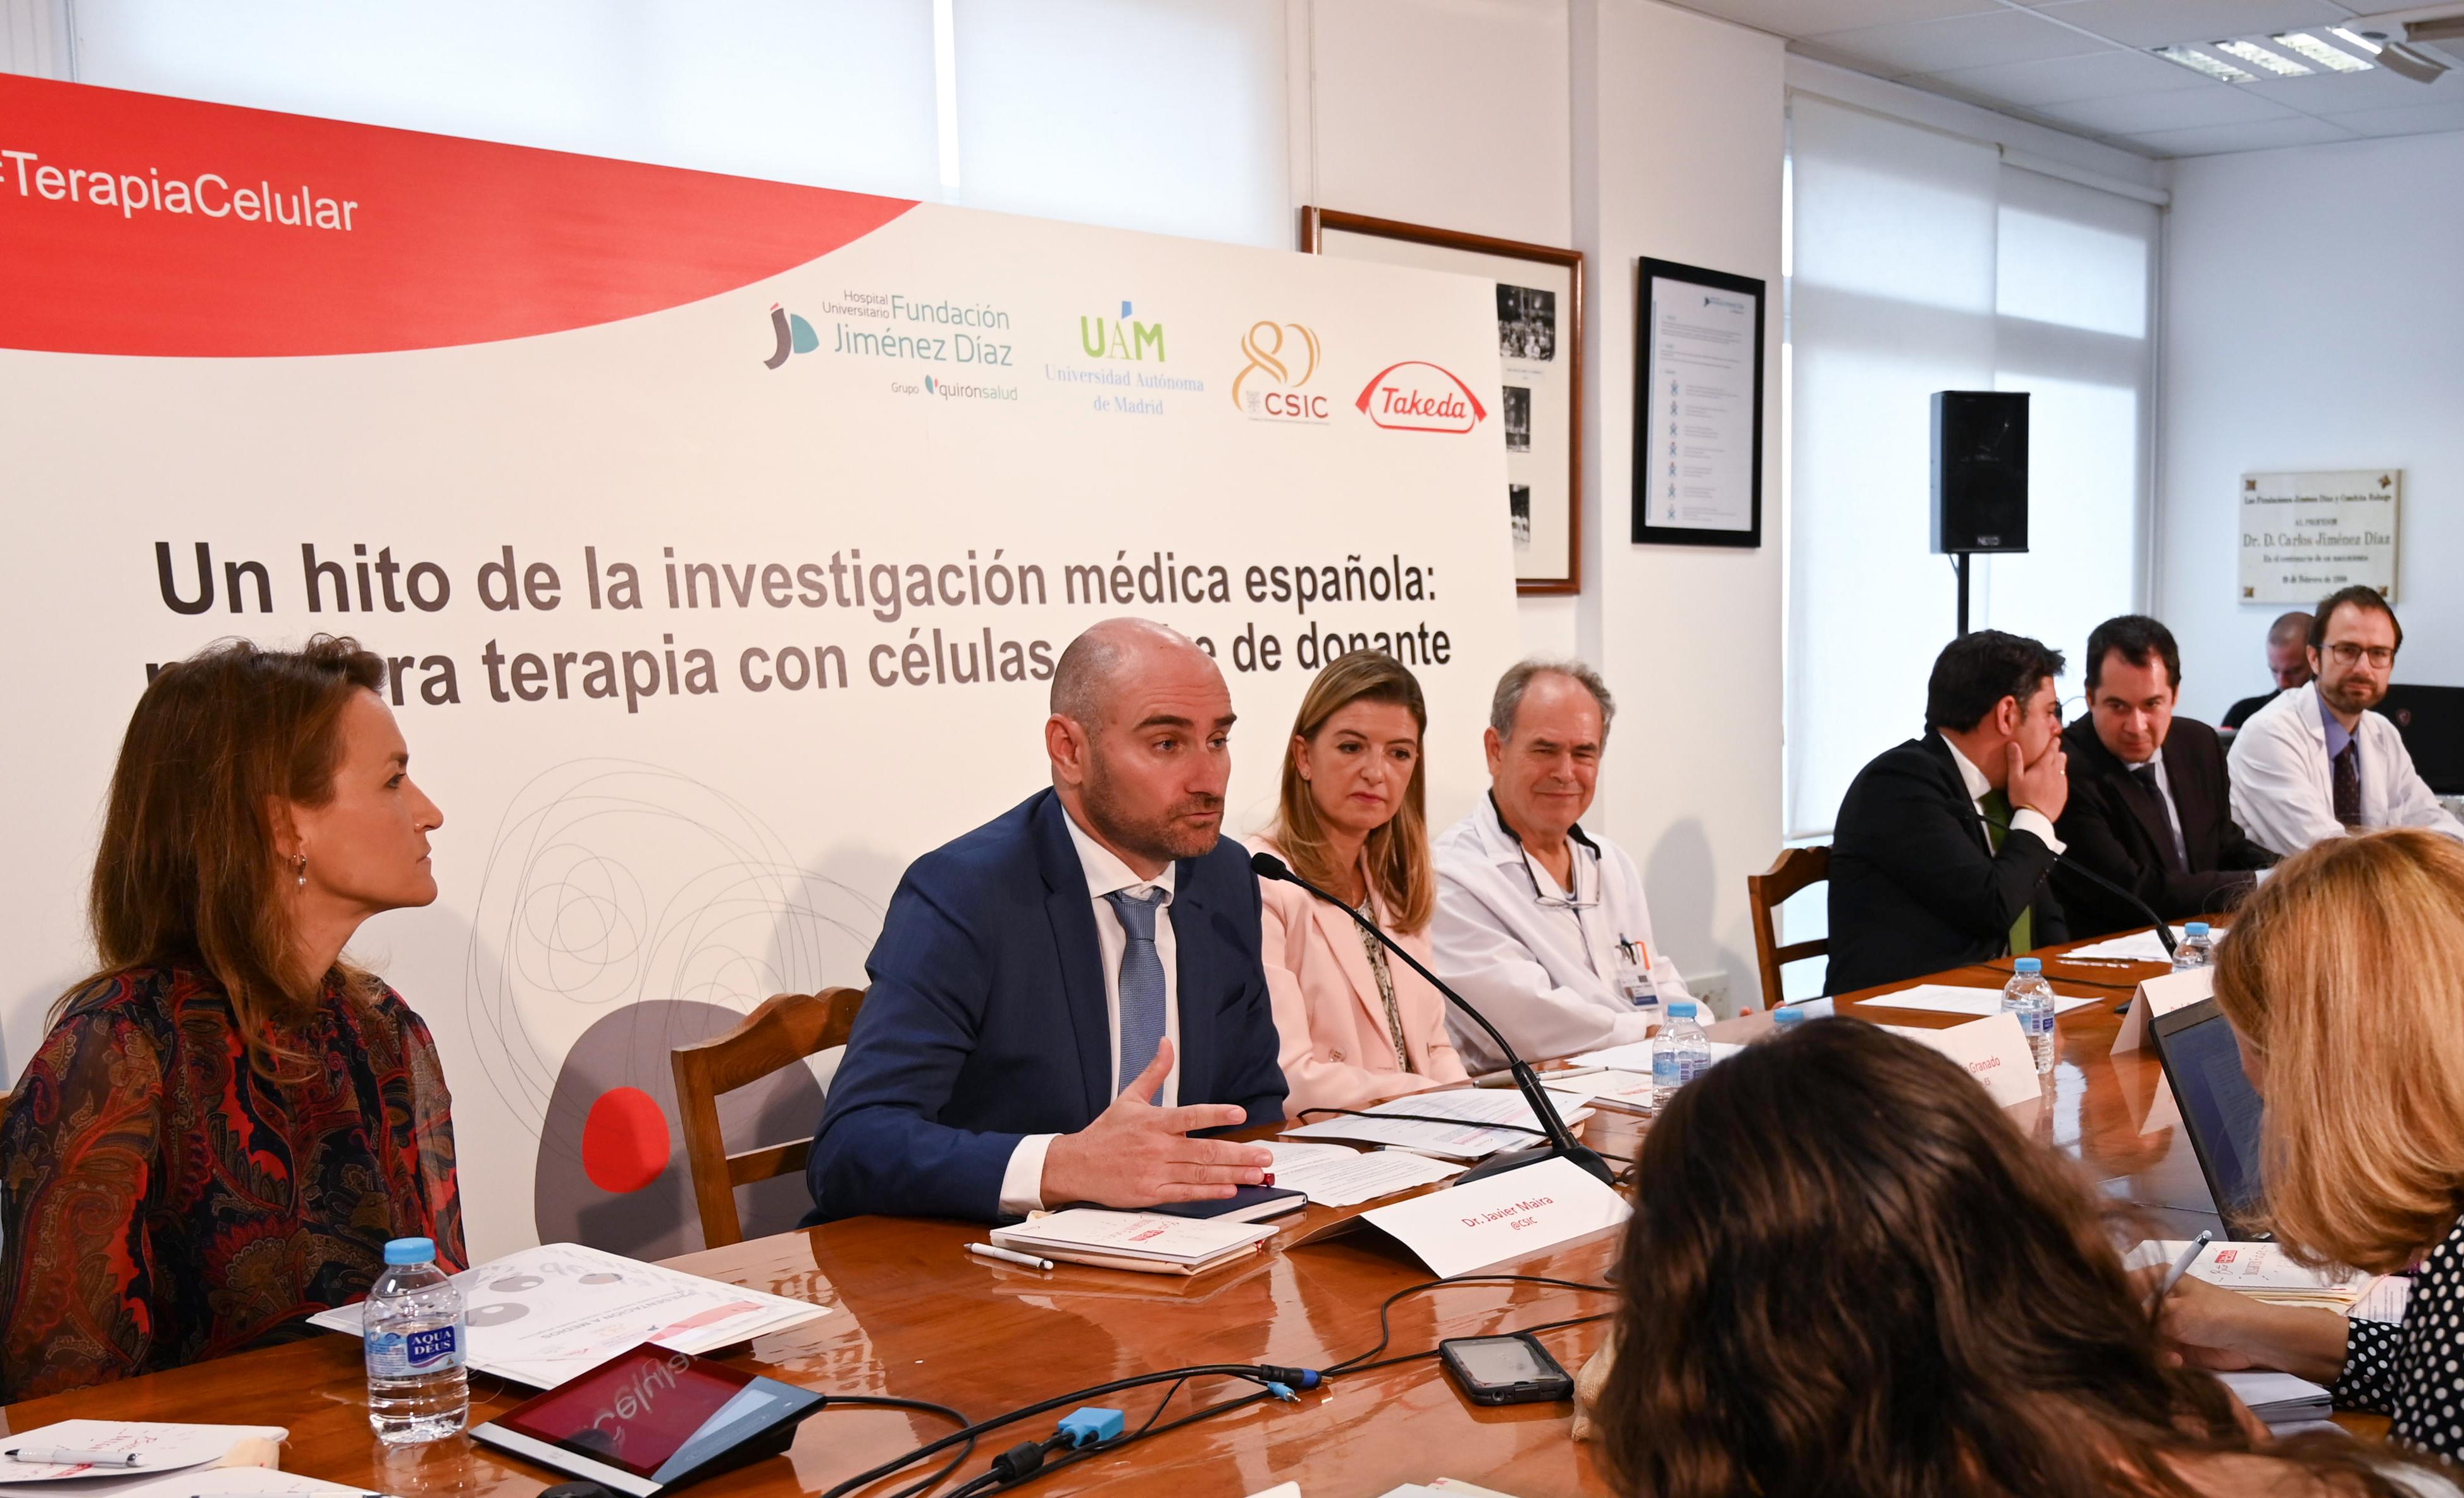 imagen de Presentación del lanzamiento del fármaco. / Yaiza González